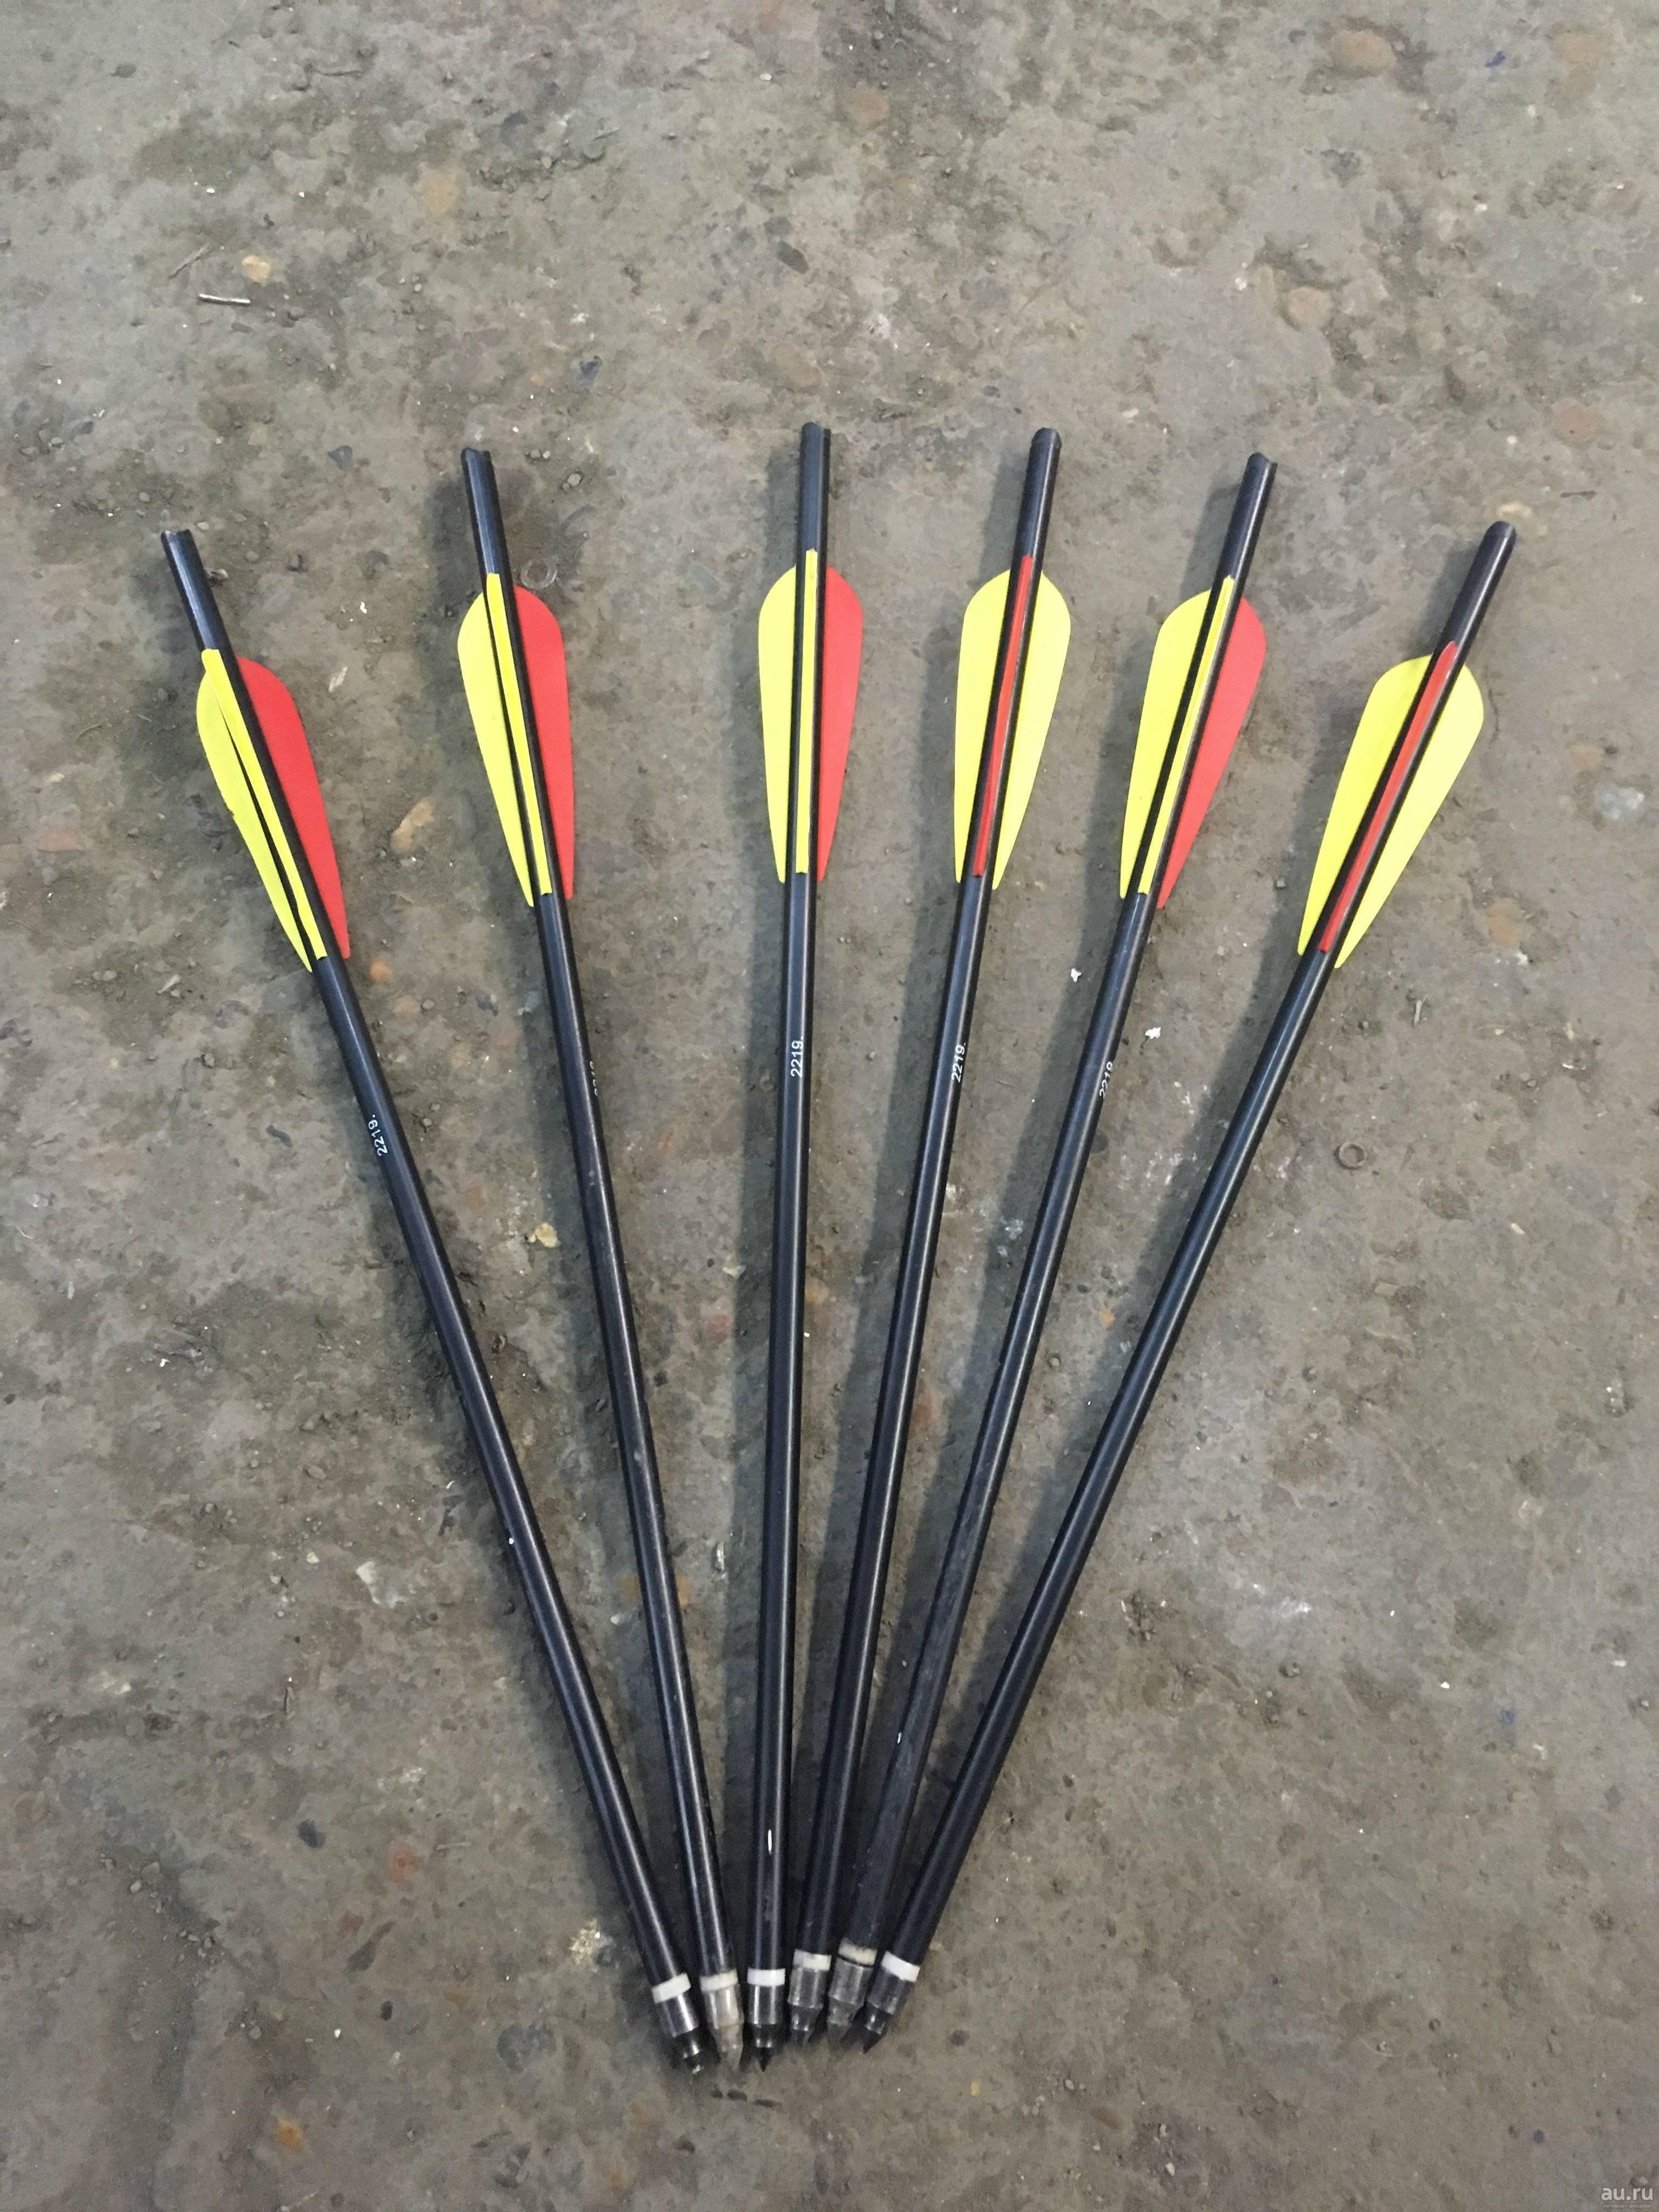 Карбоновые стрелы для арбалетов на 16 дюймов от интерлопер уже в продаже: как выбрать стрелы для арбалета